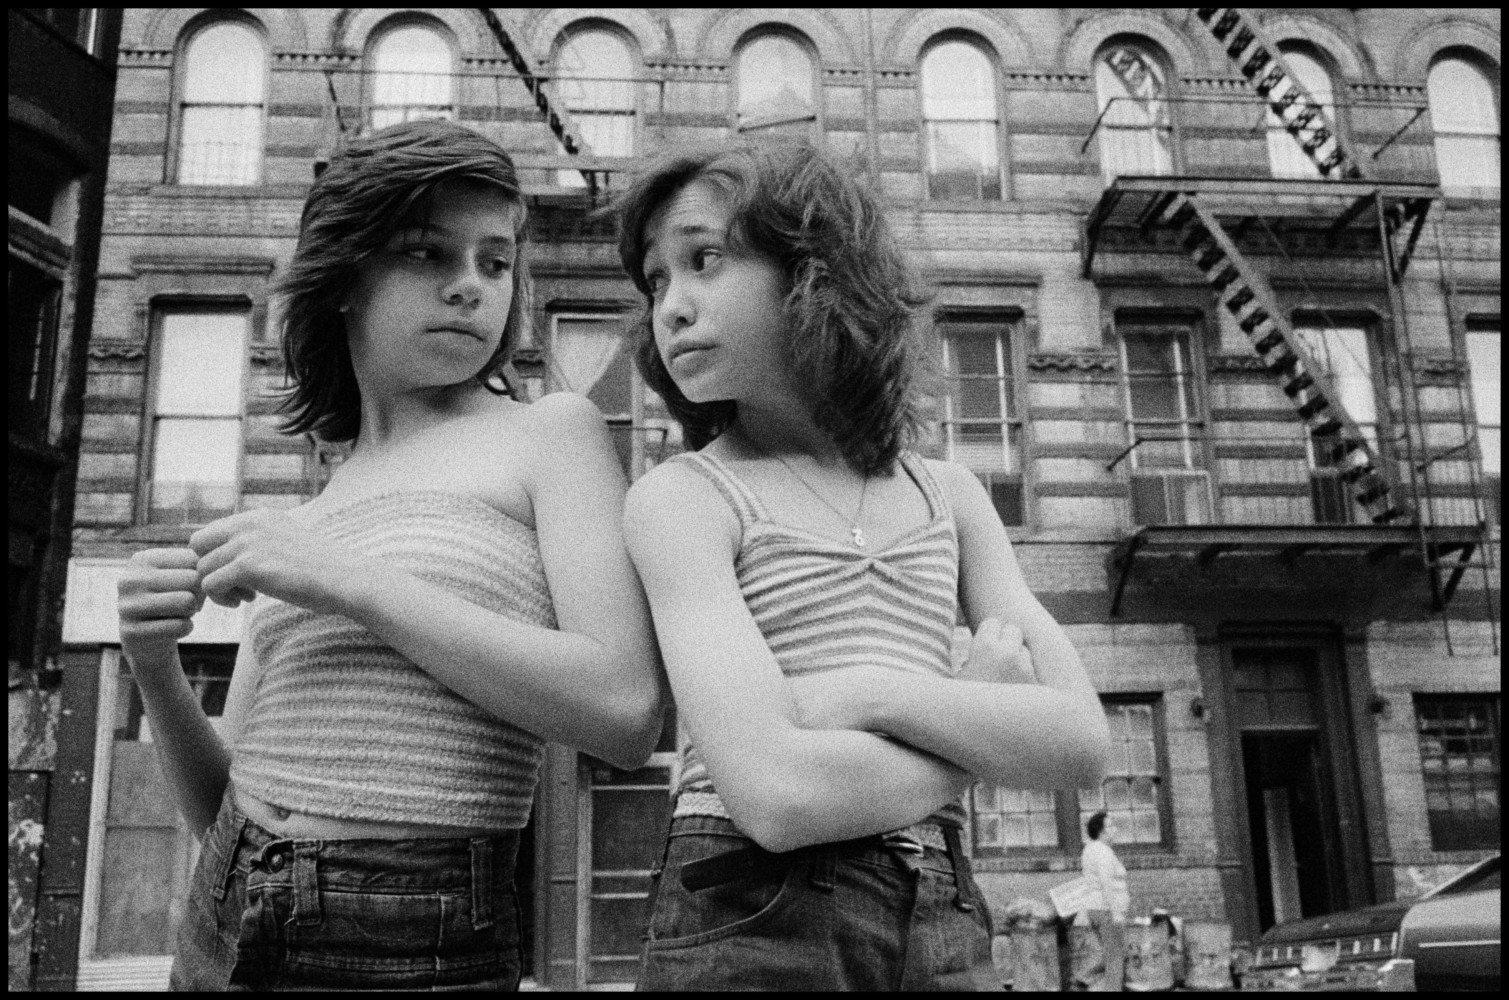 Dee e Lisa in Mott Street. Little Italy. NYC, USA. 1976 Fotografia in bianco e nero di Susan Meiselas